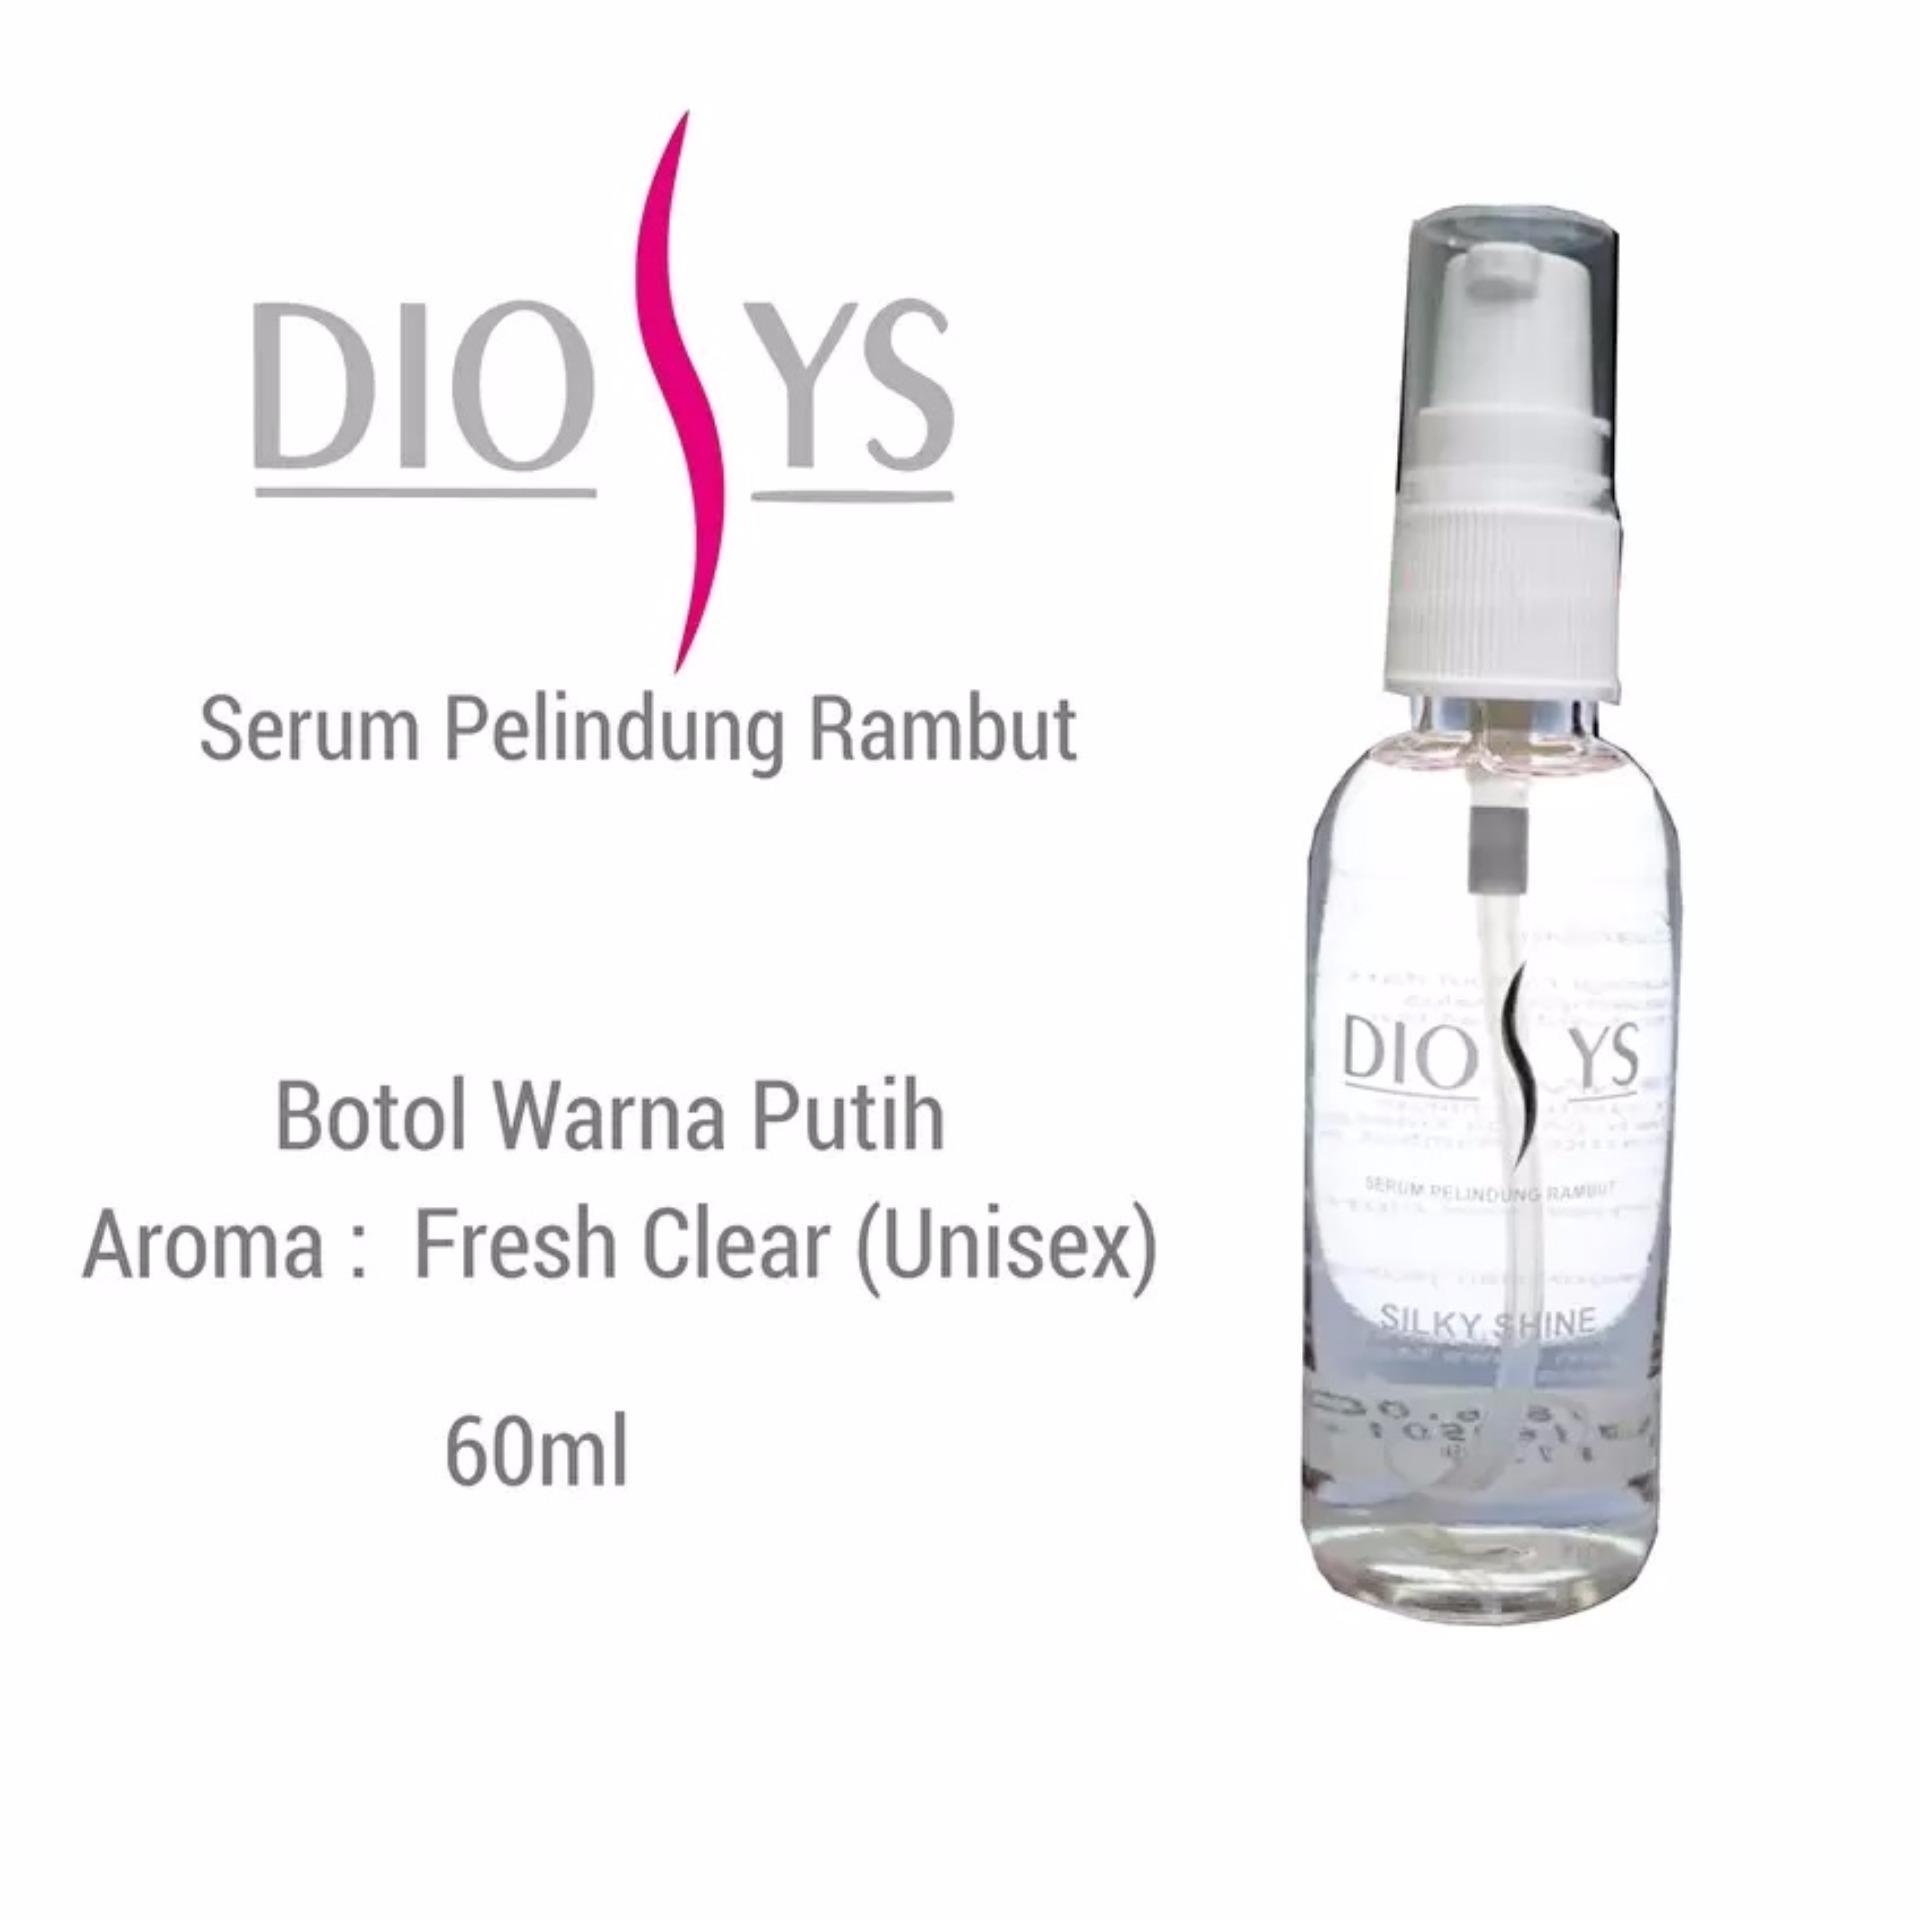 DioSys Serum Vitamin Pelindung Rambut Terbaik masa kini - 1 Pcs ..